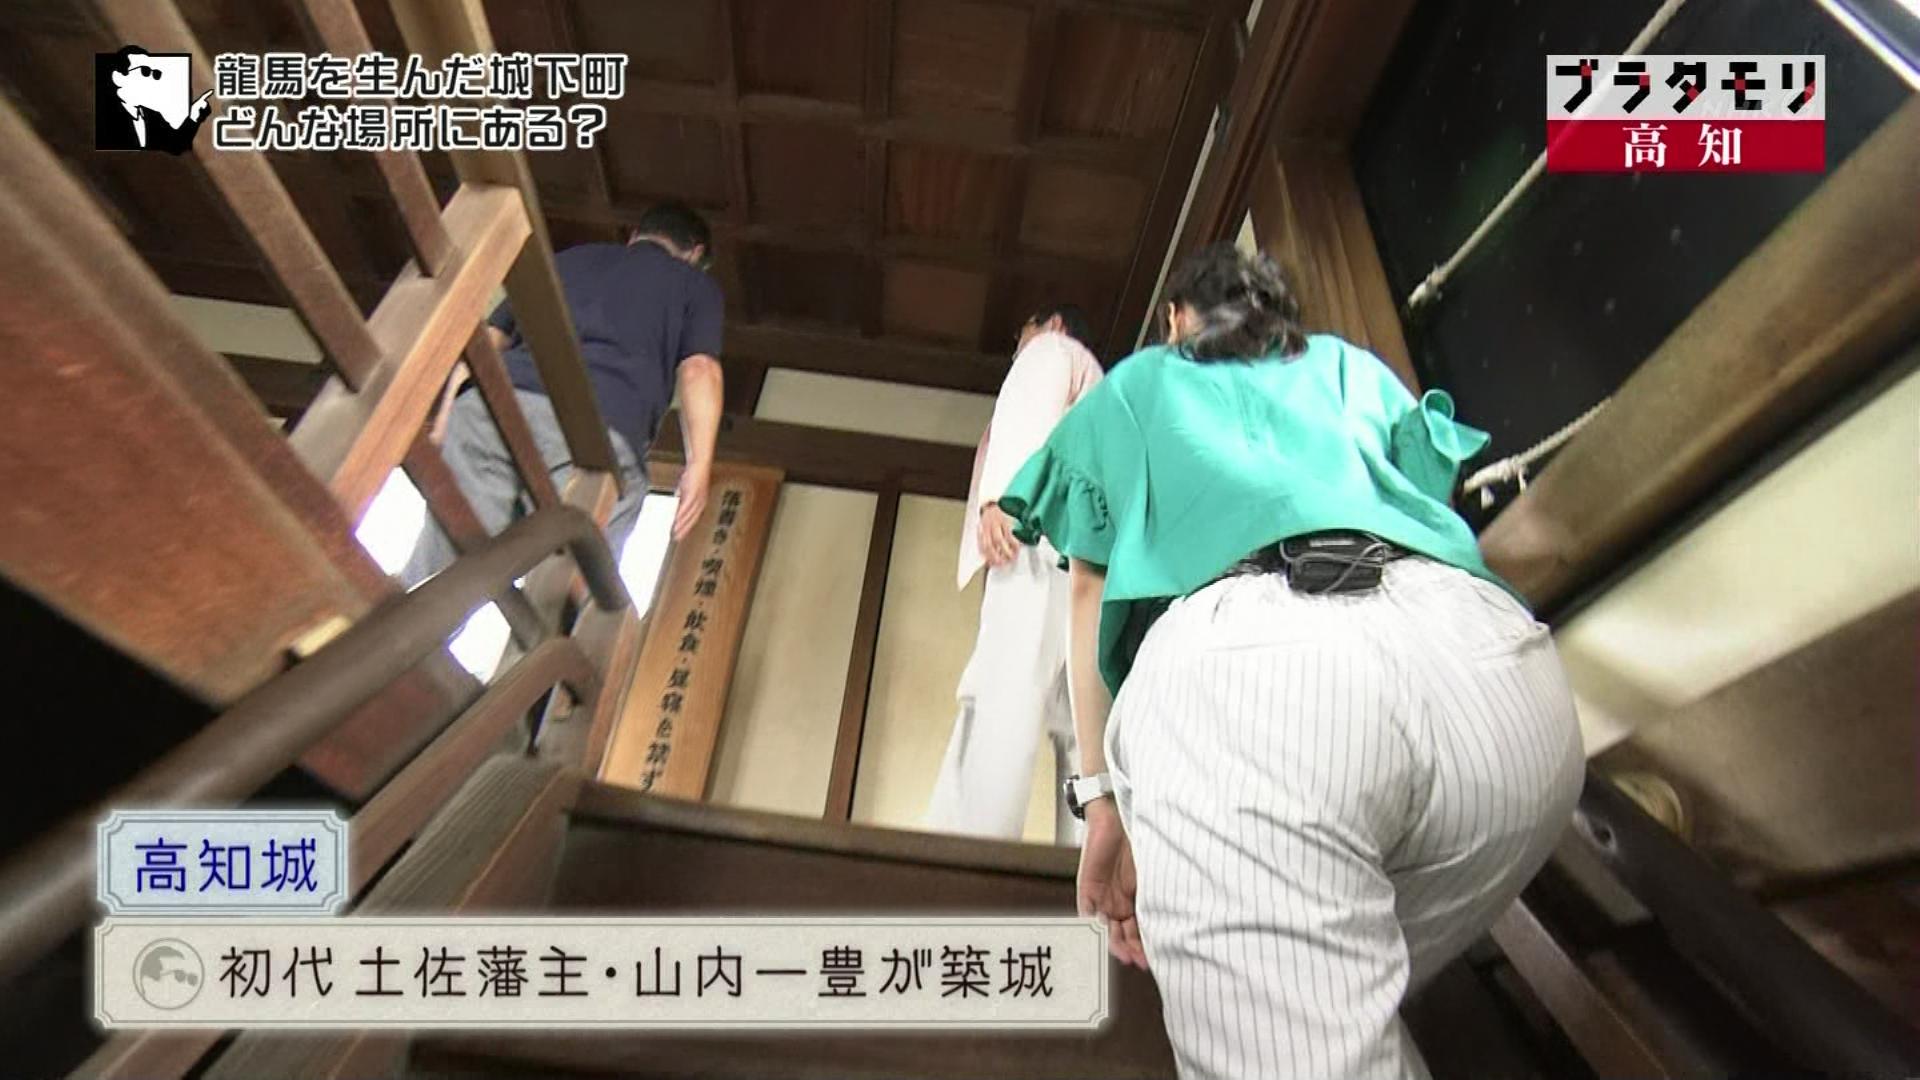 (お宝写真)近江友里恵さんの階段お尻。この角度はかなりのパンチ力。ブラタモリえろガン見キャプ写真